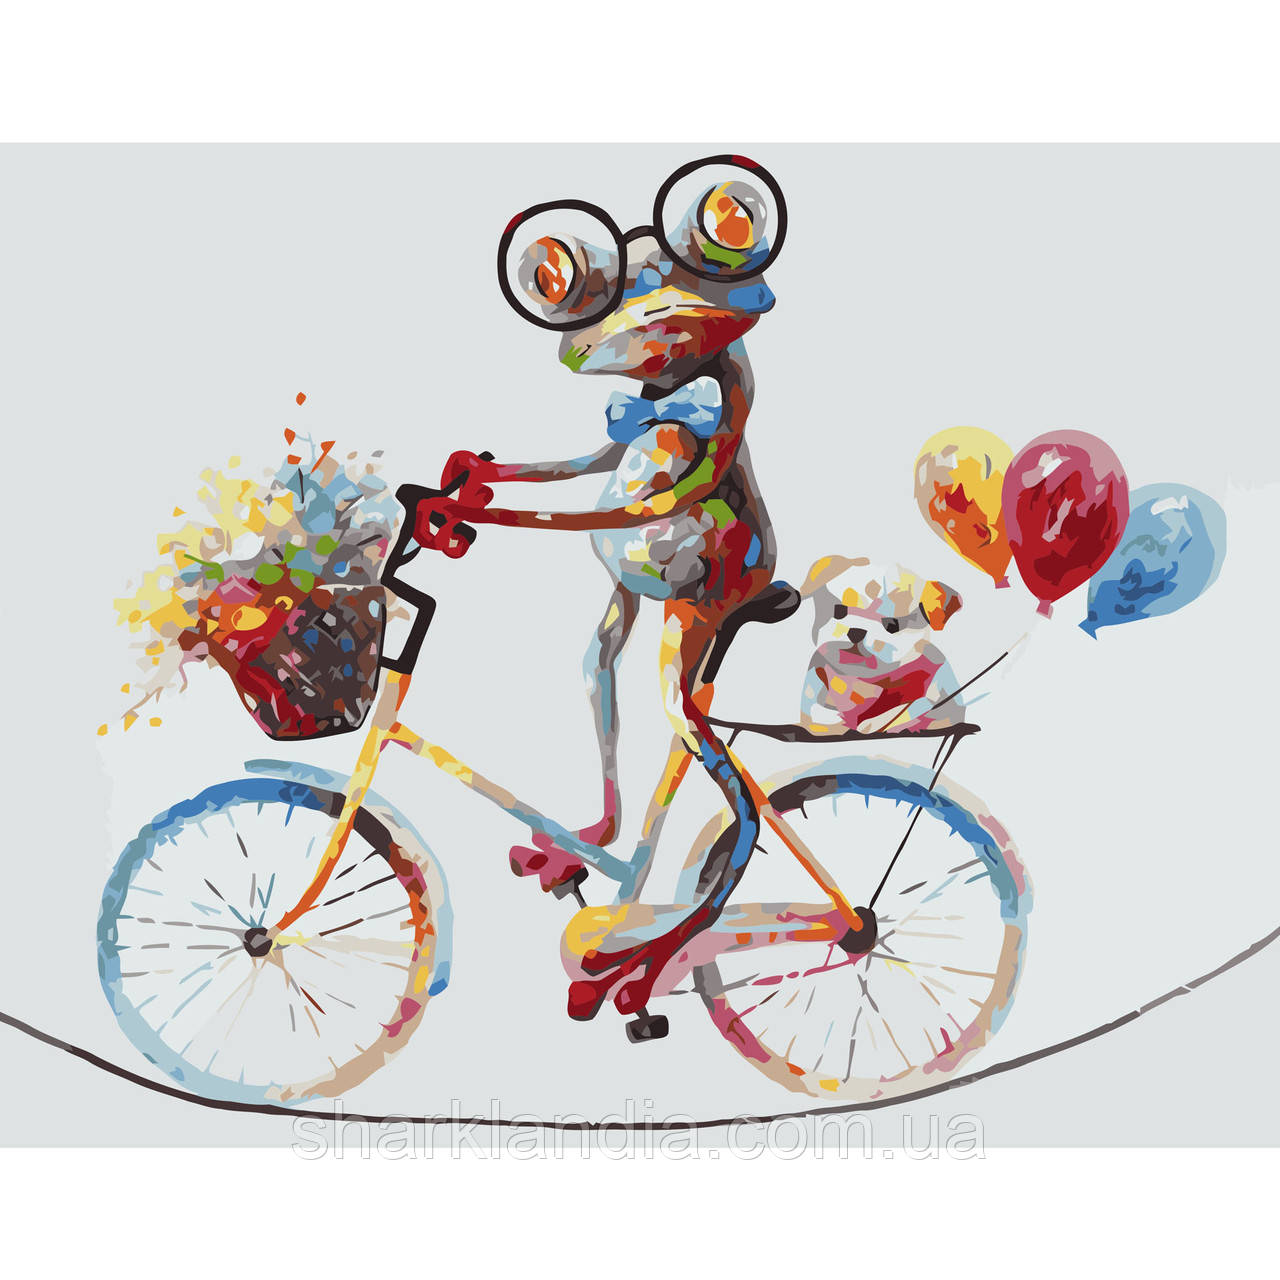 Картина по Номерам Яркий лягушонок на велосипеде 40х50см Strateg Раскраска по цифрам